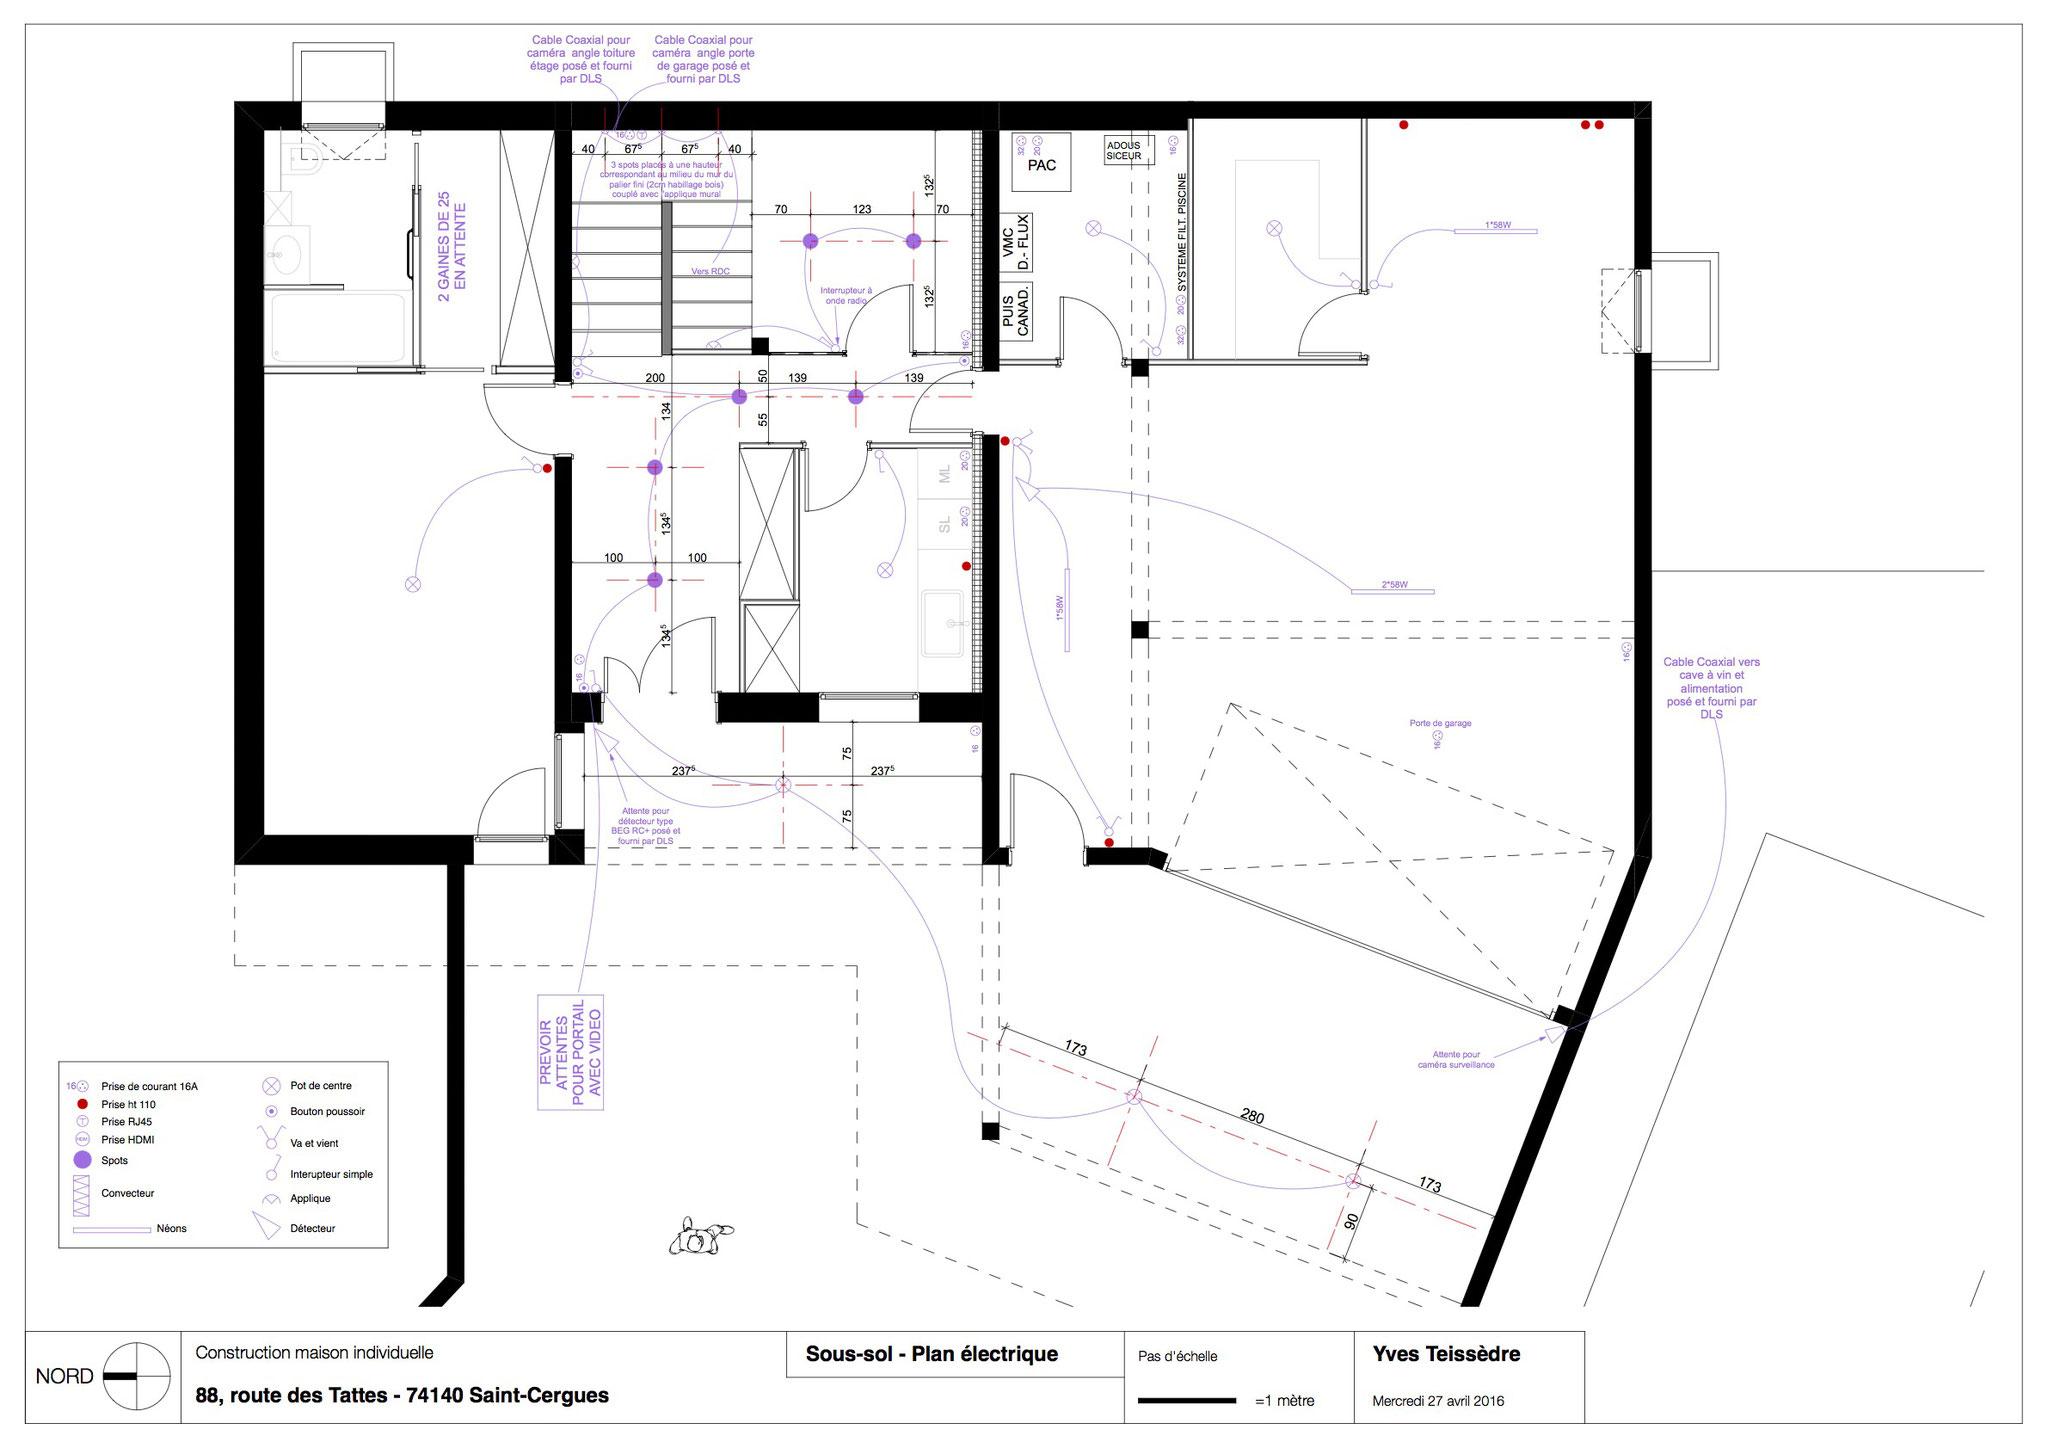 plan lectrique du sous sol - Plan Electrique Maison Individuelle